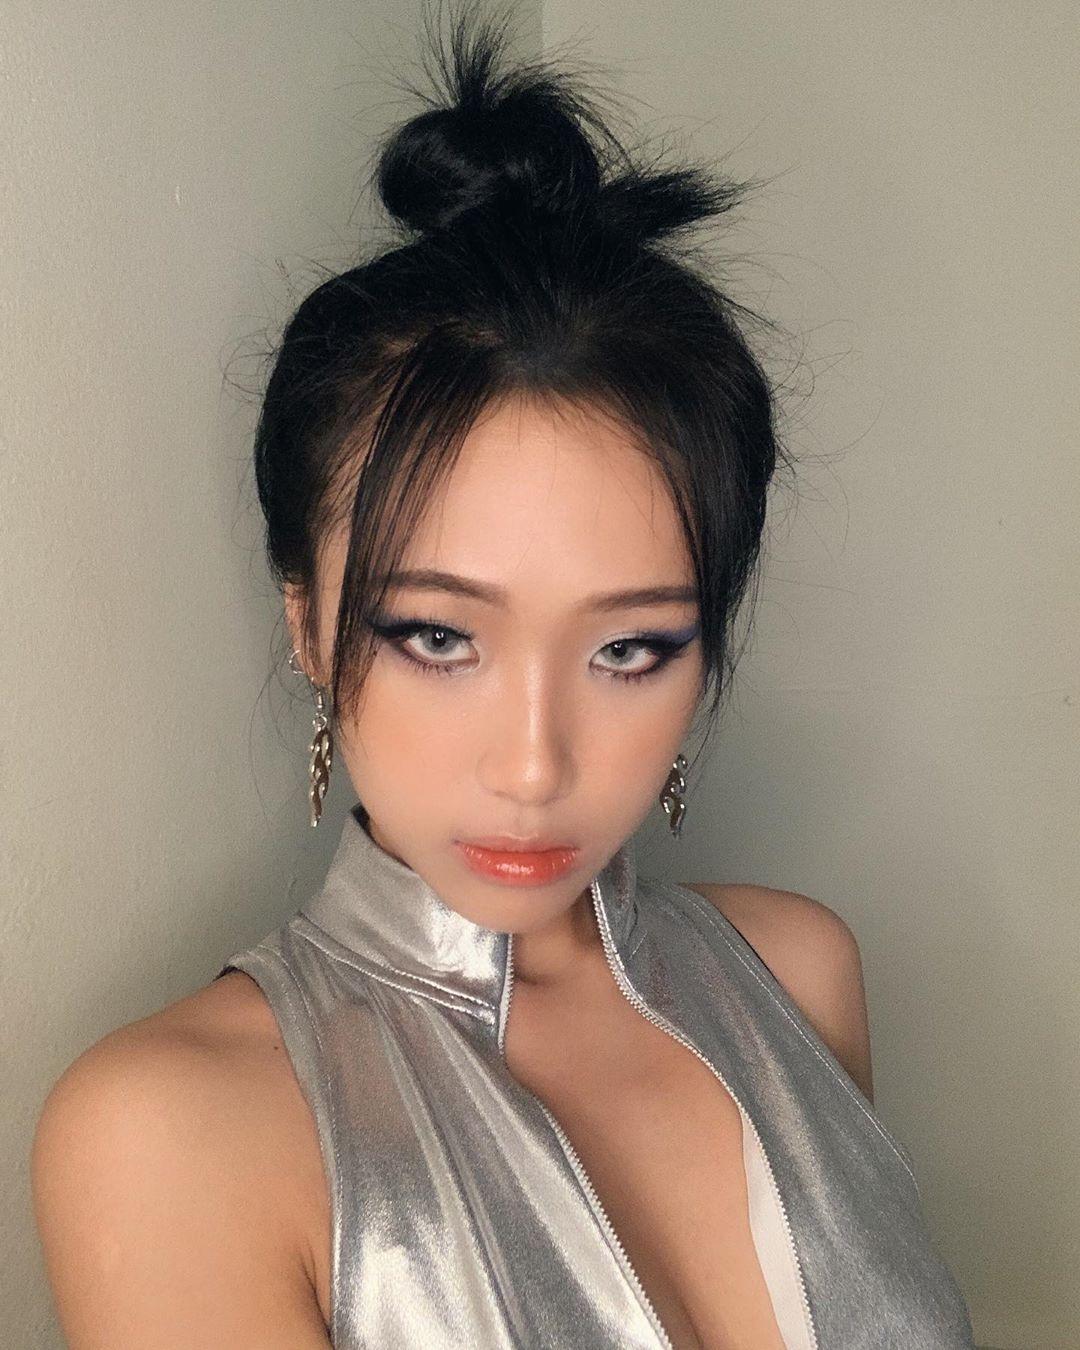 Đôi môi bóng như bôi mỡ không còn là ác mộng với các cô gái vào ngày hè. Năm nay, những cây son càng tạo hiệu ứng căng mướt càng được con gái Việt yêu thích.